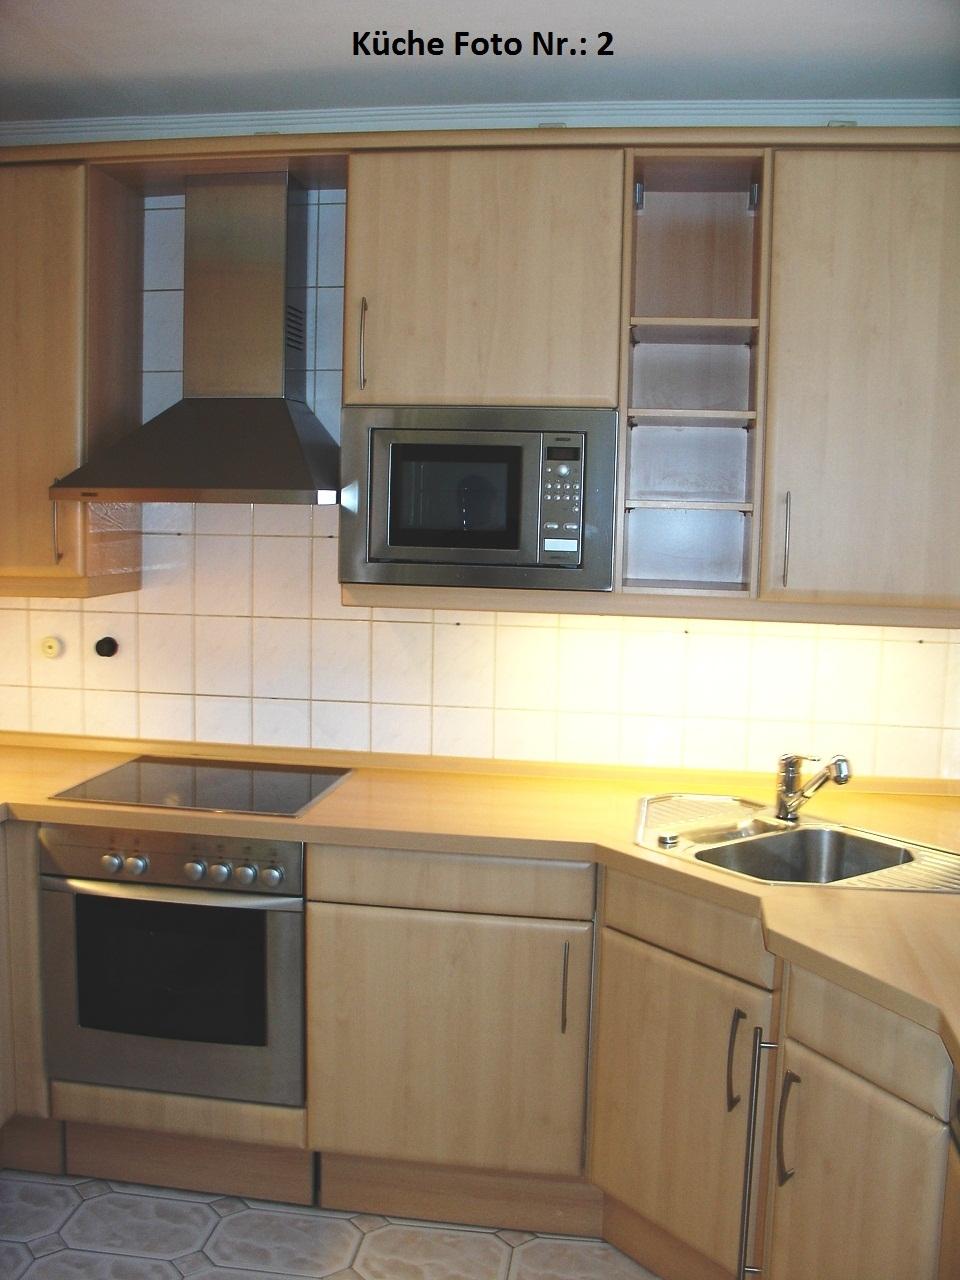 Full Size of Gebrauchte Küche Verkaufen Wie Viel Ist Eine Einbaukche Wert Suche Kaufen In Günstig Mit Elektrogeräten Mini Lüftung Inselküche Läufer Planen Küche Gebrauchte Küche Verkaufen